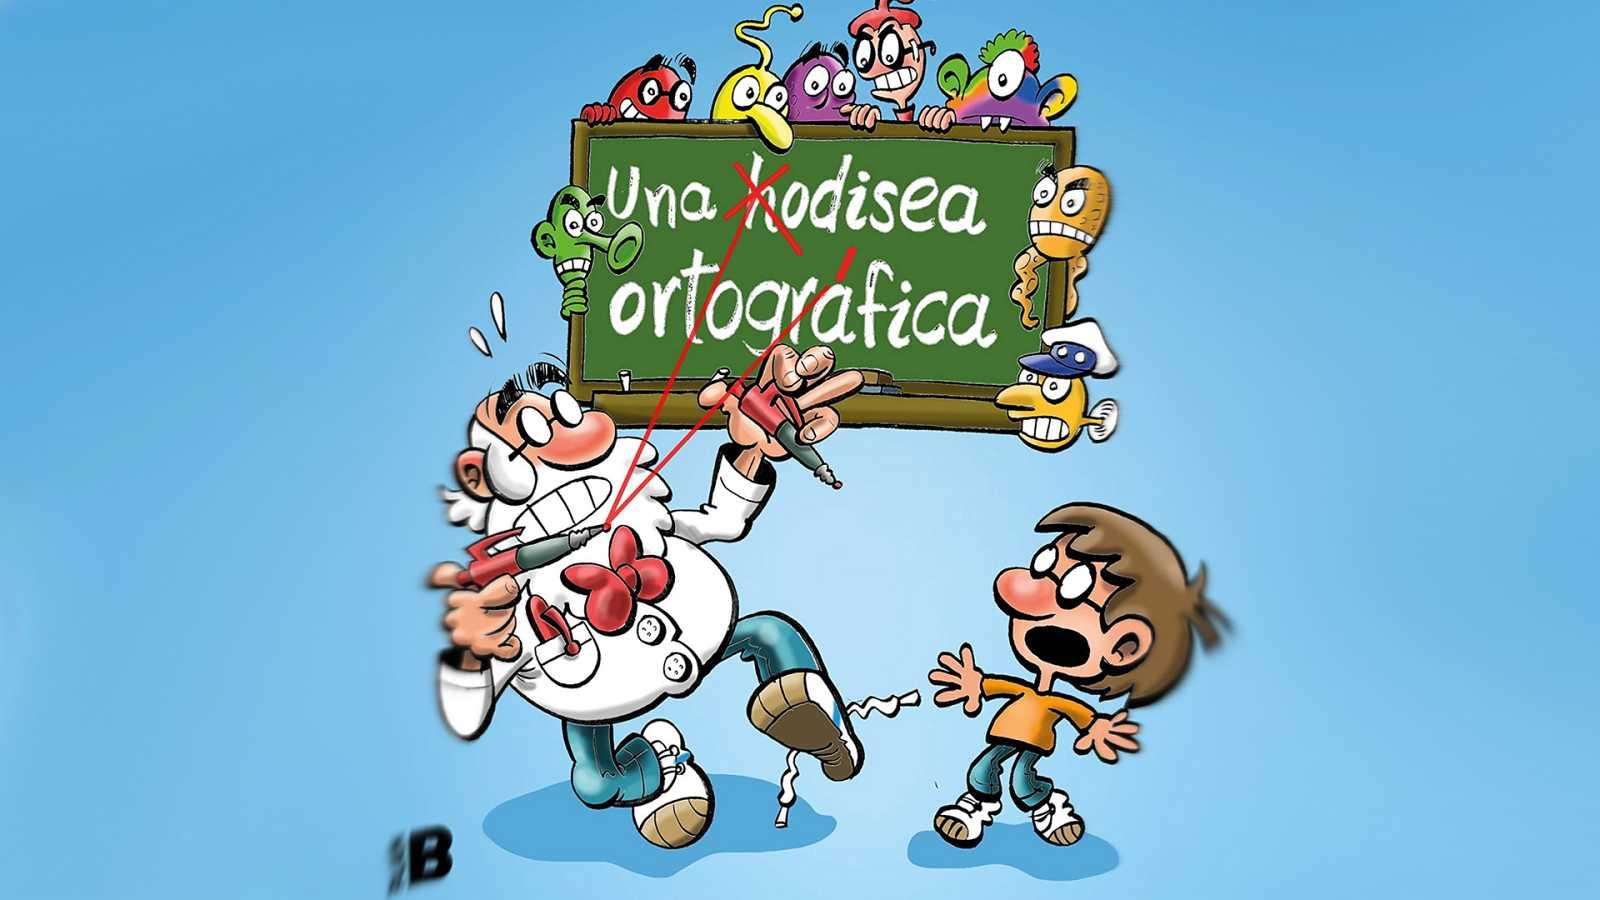 Un idioma sin fronteras - Una odisea ortográfica con 'El profesor don Pardino' - 24/10/20 - escuchar ahora